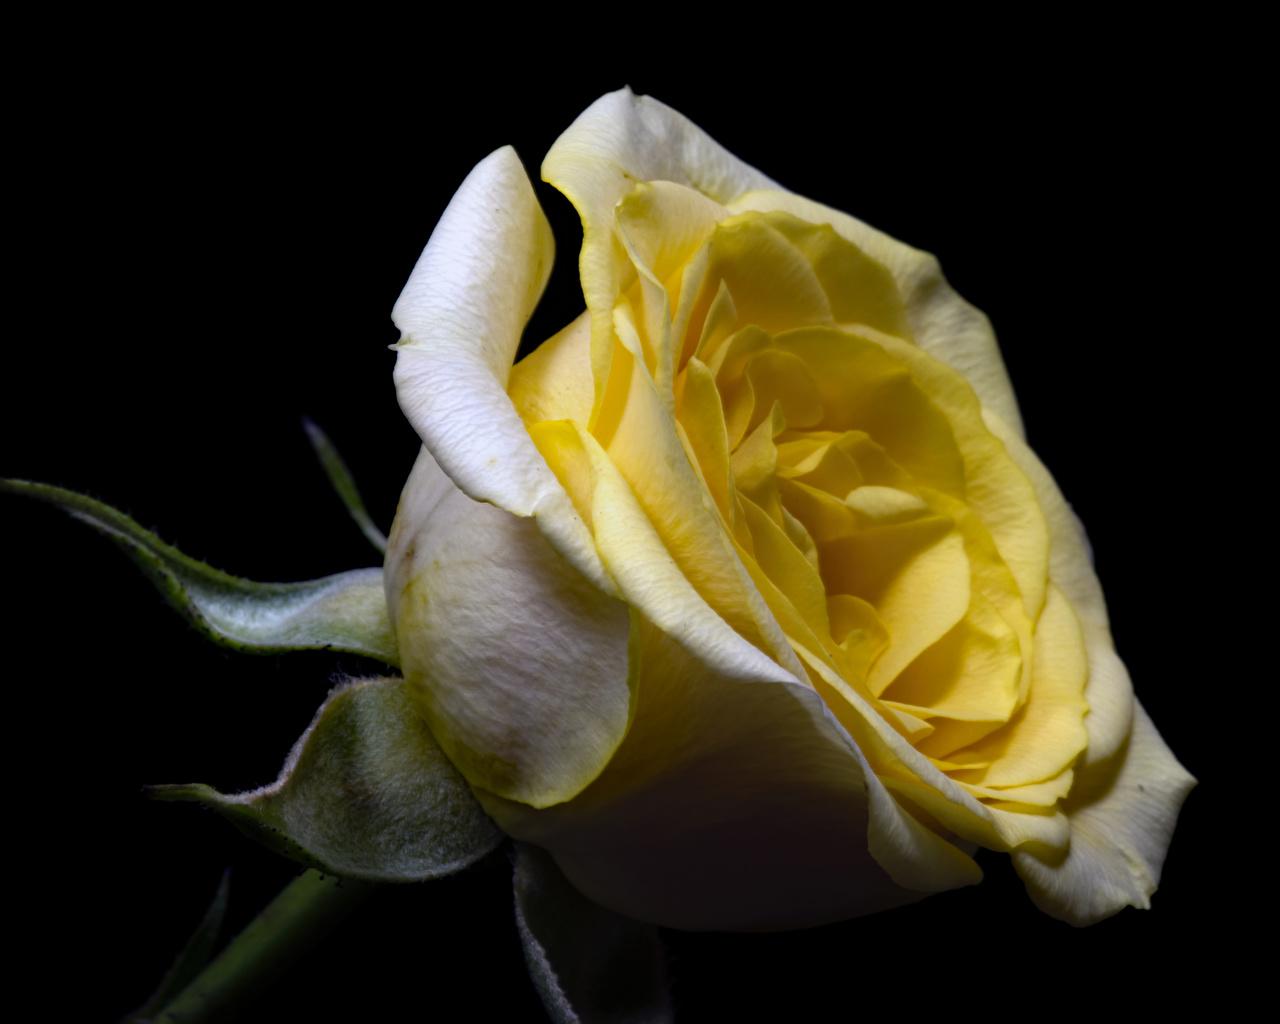 Foto Rose Blüte hautnah Schwarzer Hintergrund Rosen Blumen Nahaufnahme Großansicht